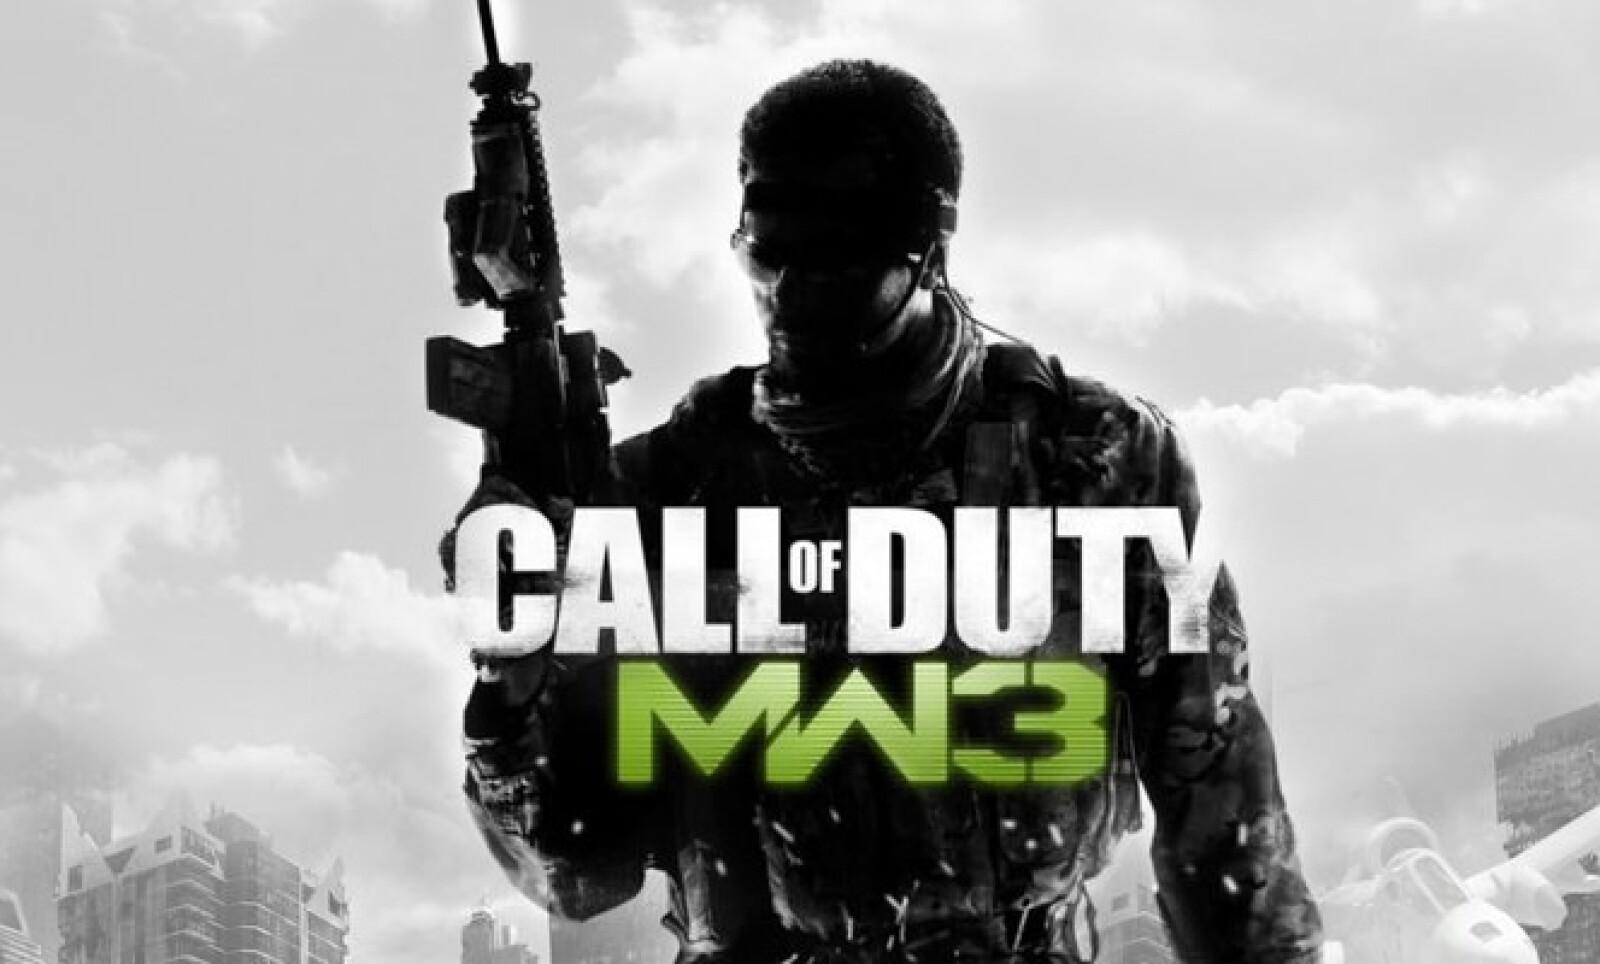 El videojuego más rentable de la historia, superando el 1,000 mdd de dólares en ventas, en el que serás un soldado que busca detener la tercera guerra mundial, en escenarios como Nueva York, Rusia y Francia.